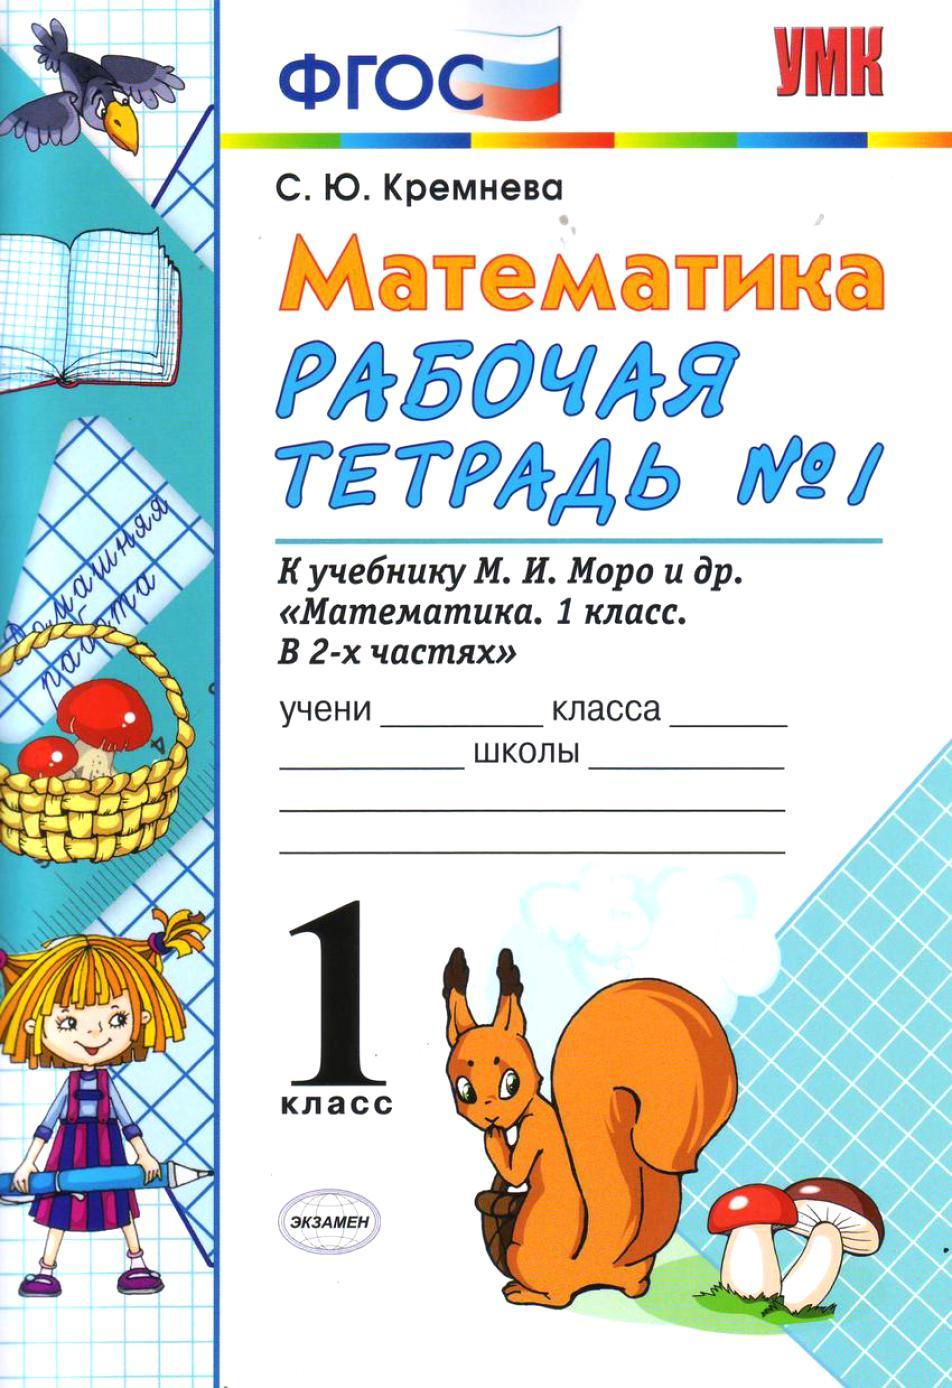 https://edvisrb.ru/images/uploads/594917.jpg